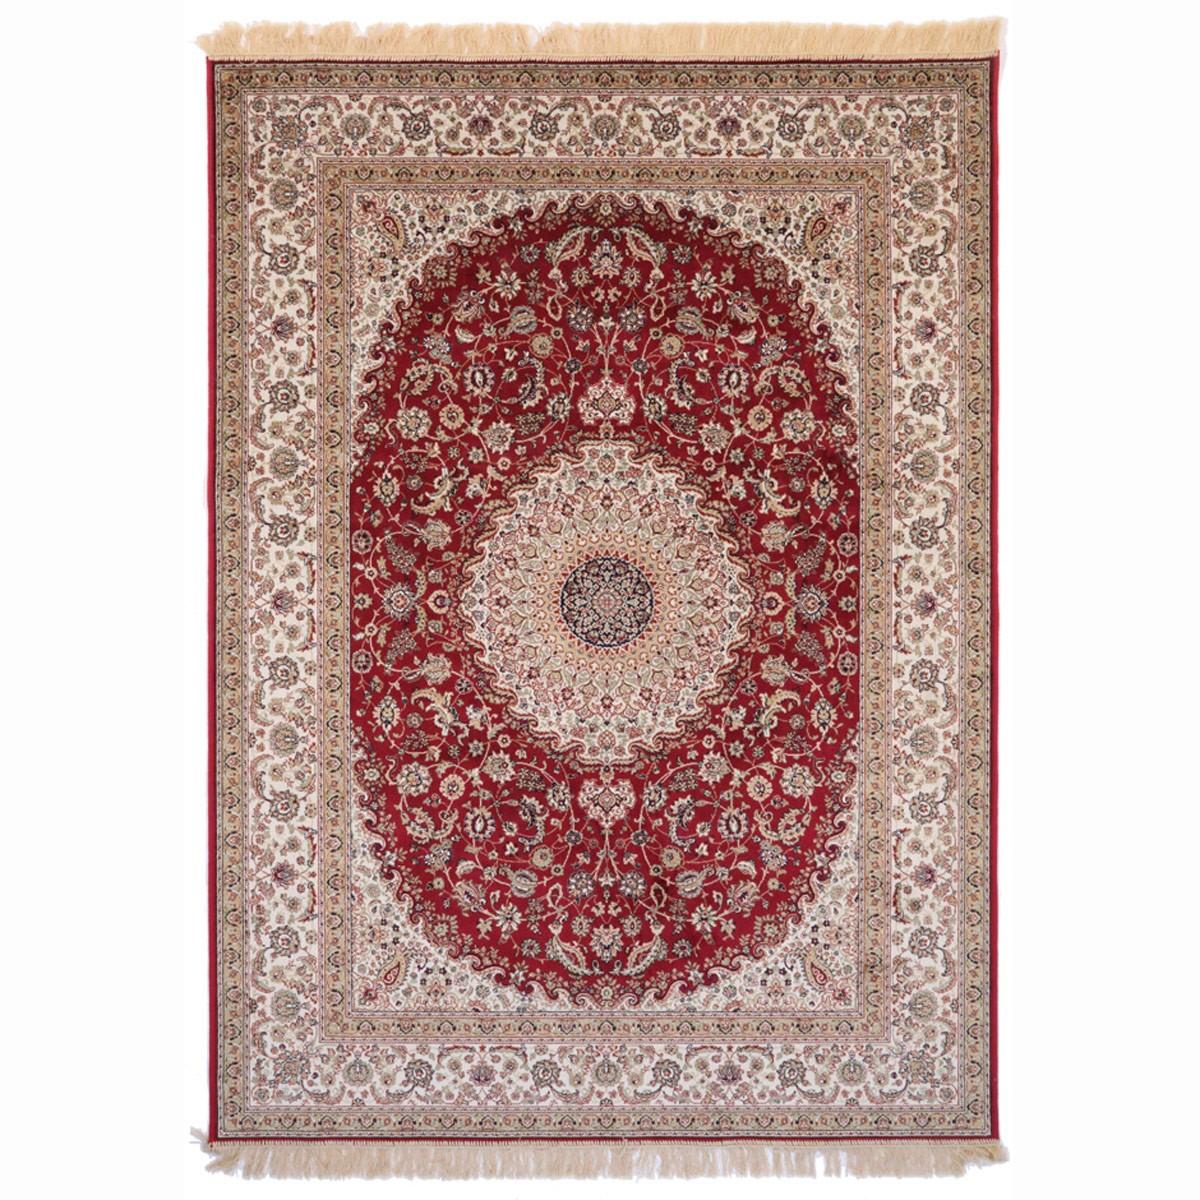 Καλοκαιρινό Χαλί (160x230) Royal Carpets Rubine 396 Red